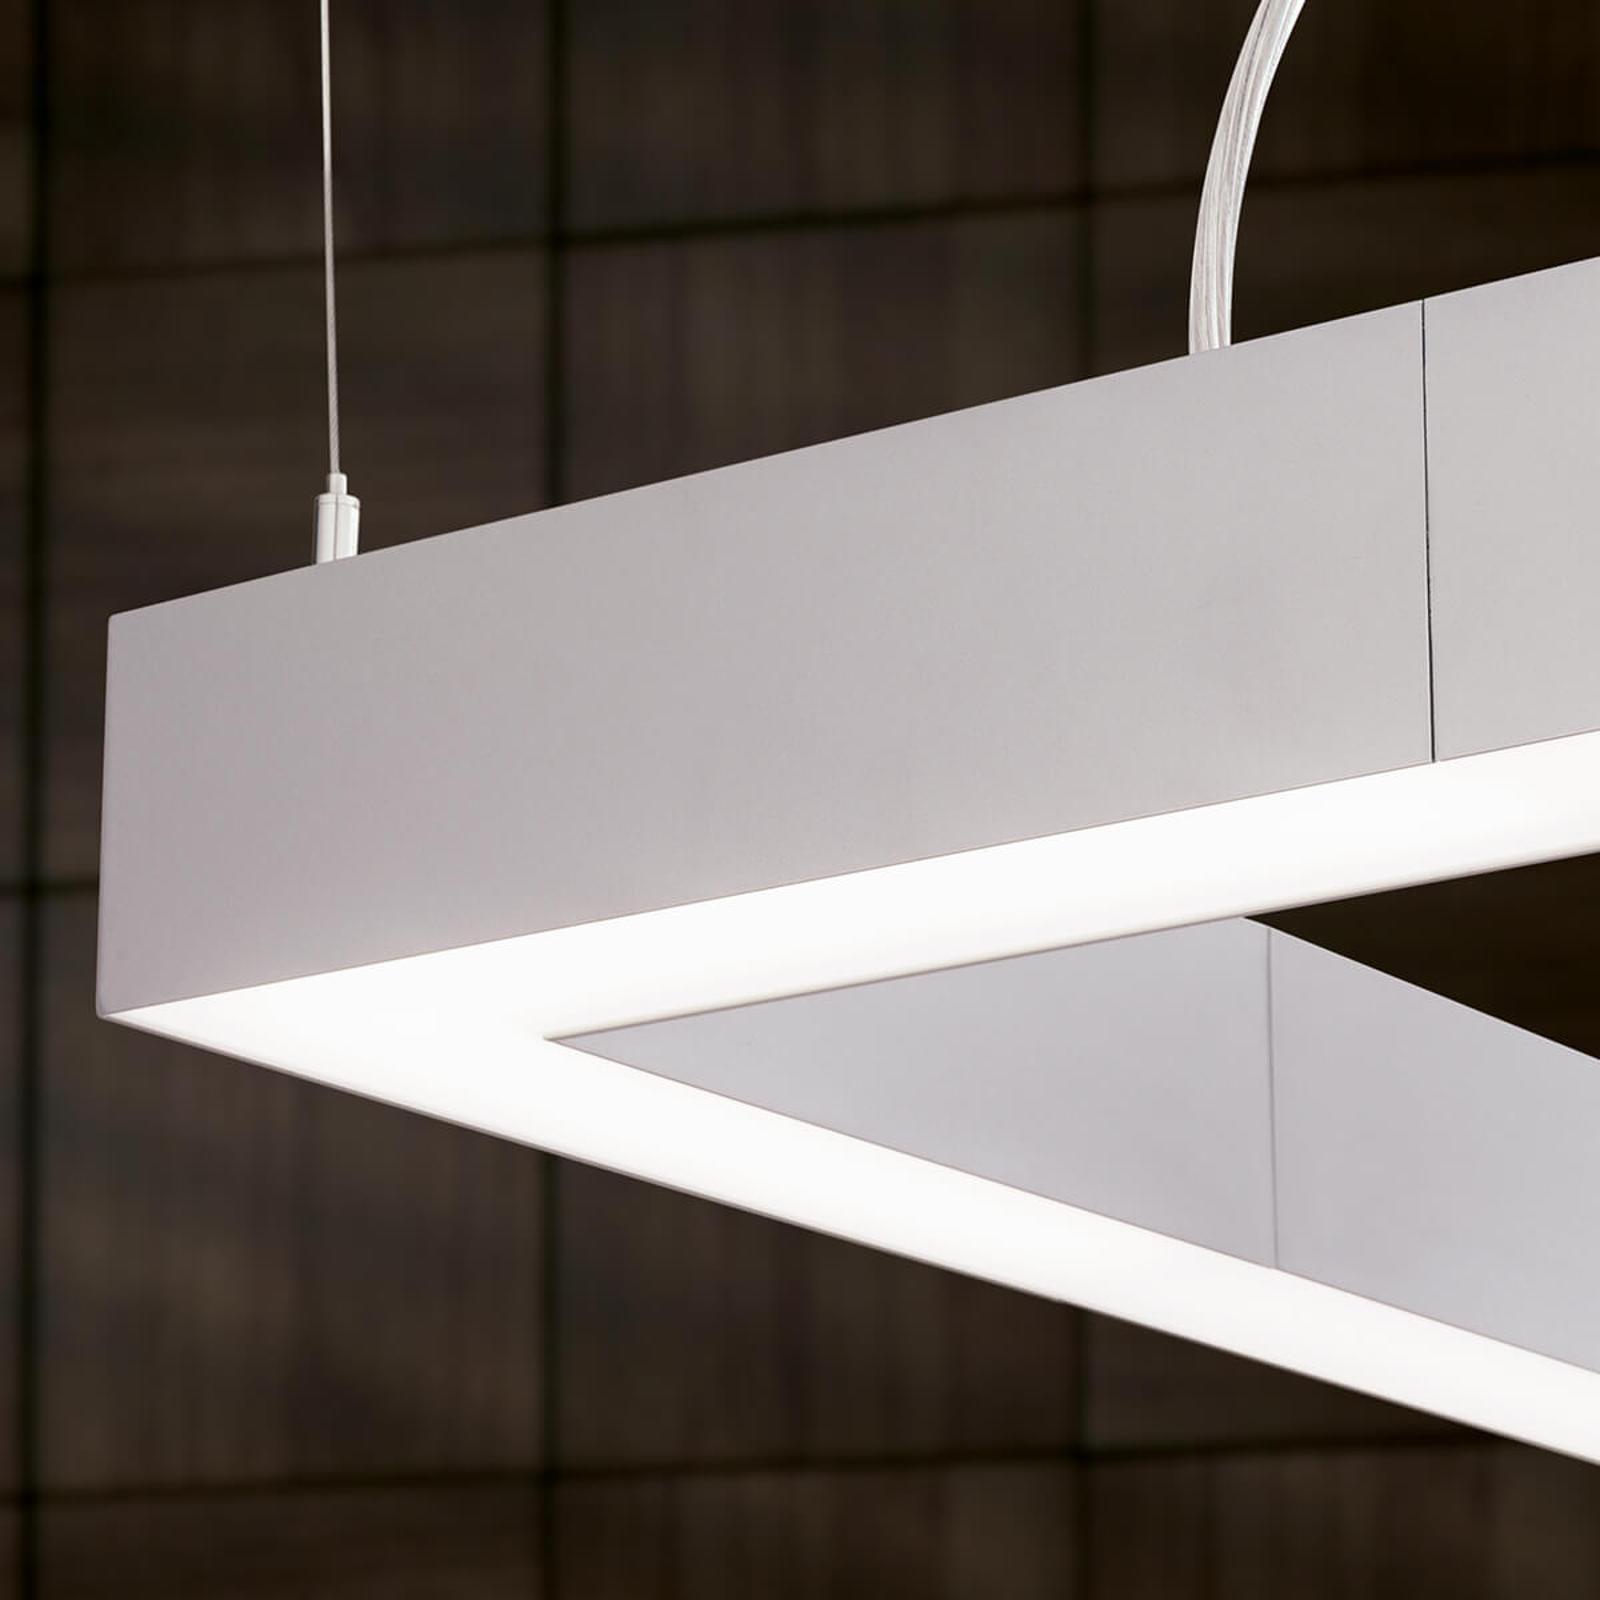 Plafonnier LED Sando, kit de fixation - 30 x 30cm